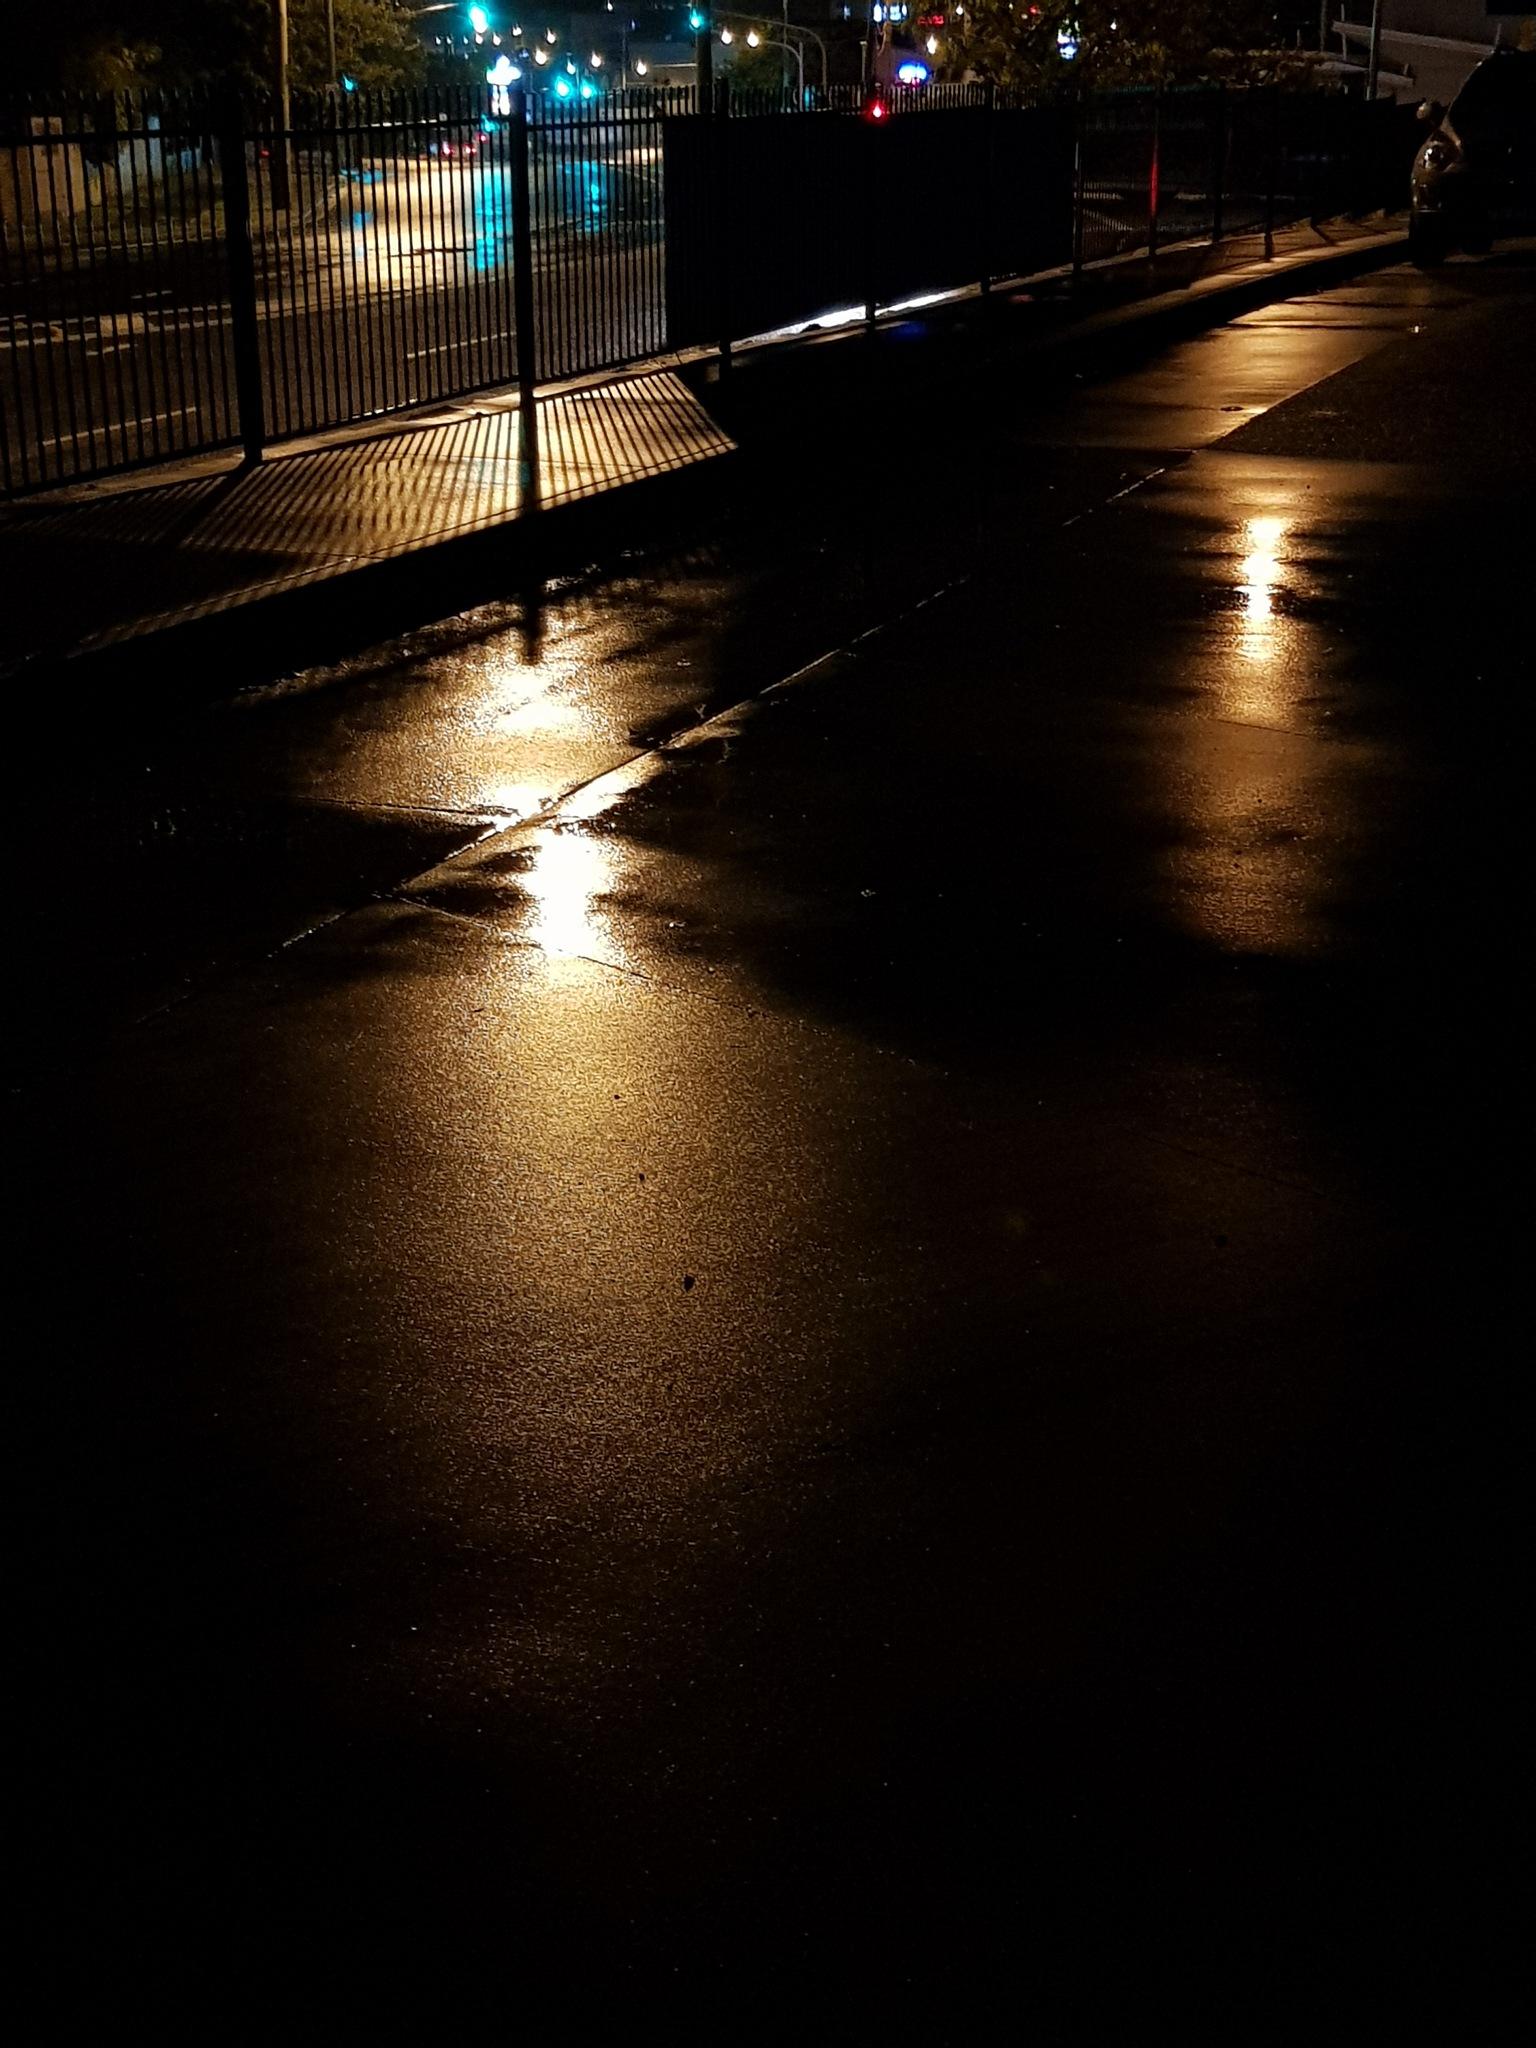 Night Rain by Edgardo Amaya